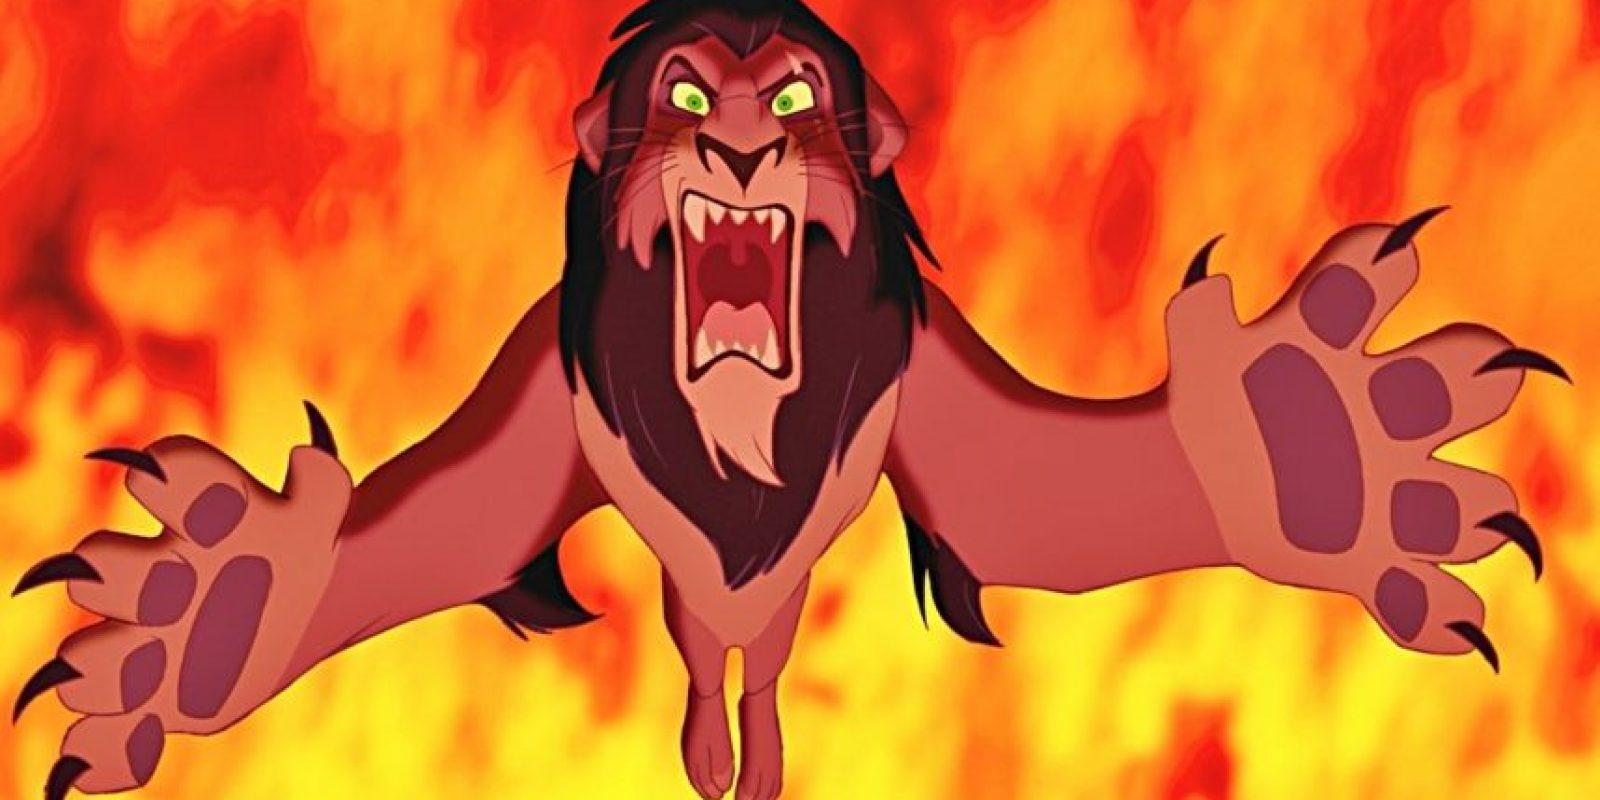 Su modo de reinar es sutil y muestra la corrupción del poder. Foto:Disney